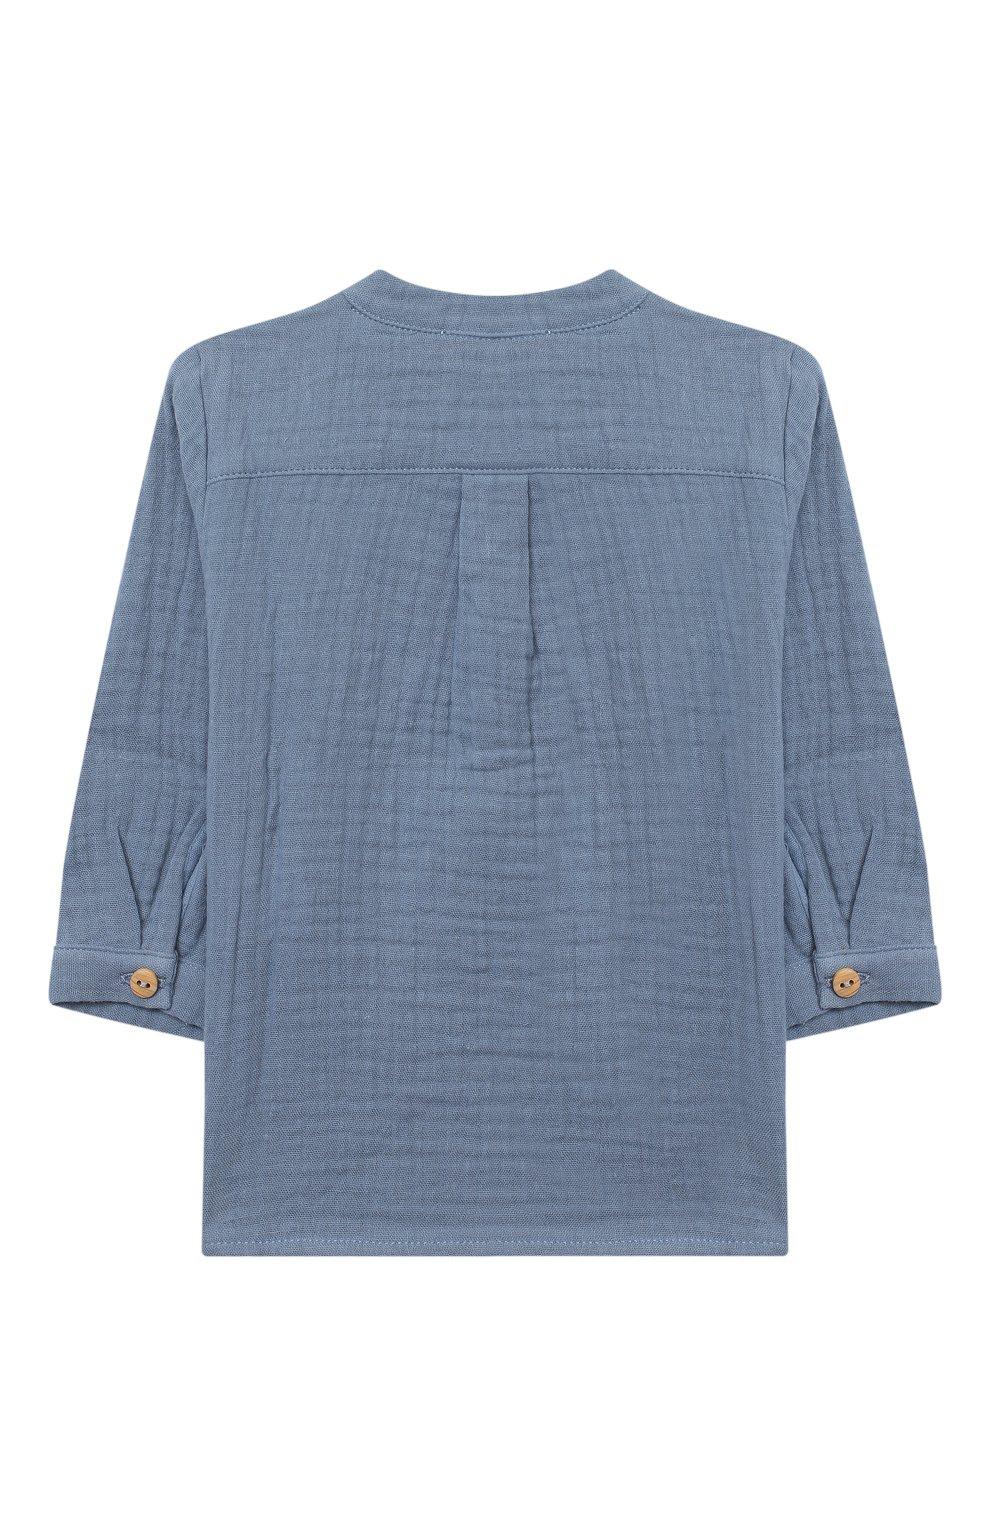 Детский хлопковая блузка LES LUTINS PARIS голубого цвета, арт. 20H336/T0M | Фото 2 (Рукава: Длинные; Материал внешний: Хлопок; Ростовка одежда: 9 мес | 74 см, 18 мес | 86 см, 24 мес | 92 см, 3 мес | 62 см, 6 мес | 68 см)